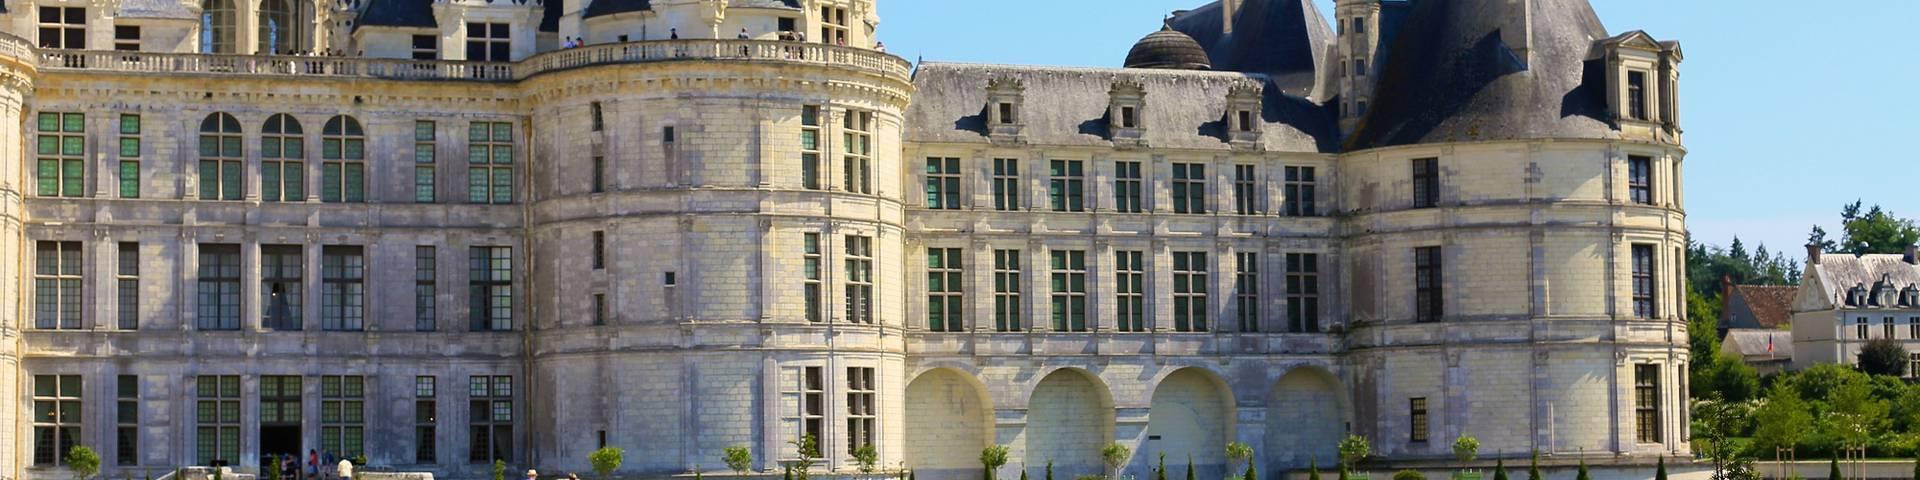 La façade du château de Chambord avec ses jardins à la française